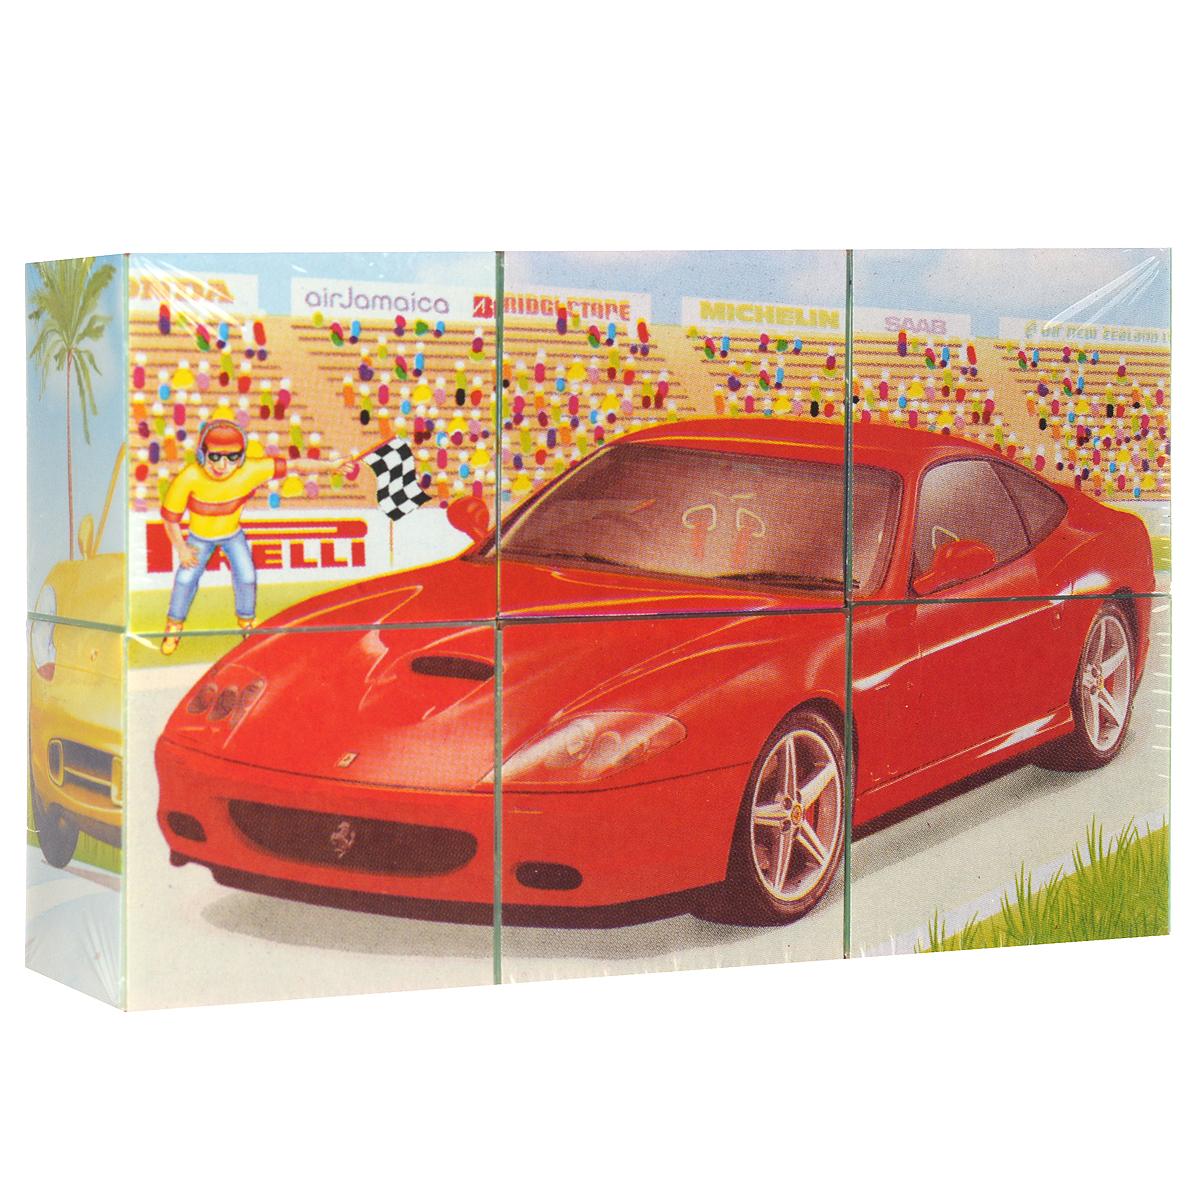 Кубики Stellar Модели автомобилей 2, в картинках, 6 шт. 0082100821С помощью кубиков Stellar Модели автомобилей 2 ребенок сможет собрать шесть великолепных картинок с изображением спортивных машинок. Игра с кубиками развивает зрительное восприятие, наблюдательность и внимание, мелкую моторику рук и произвольные движения. Ребенок научится складывать целостный образ из частей, определять недостающие детали изображения. Товар сертифицирован.